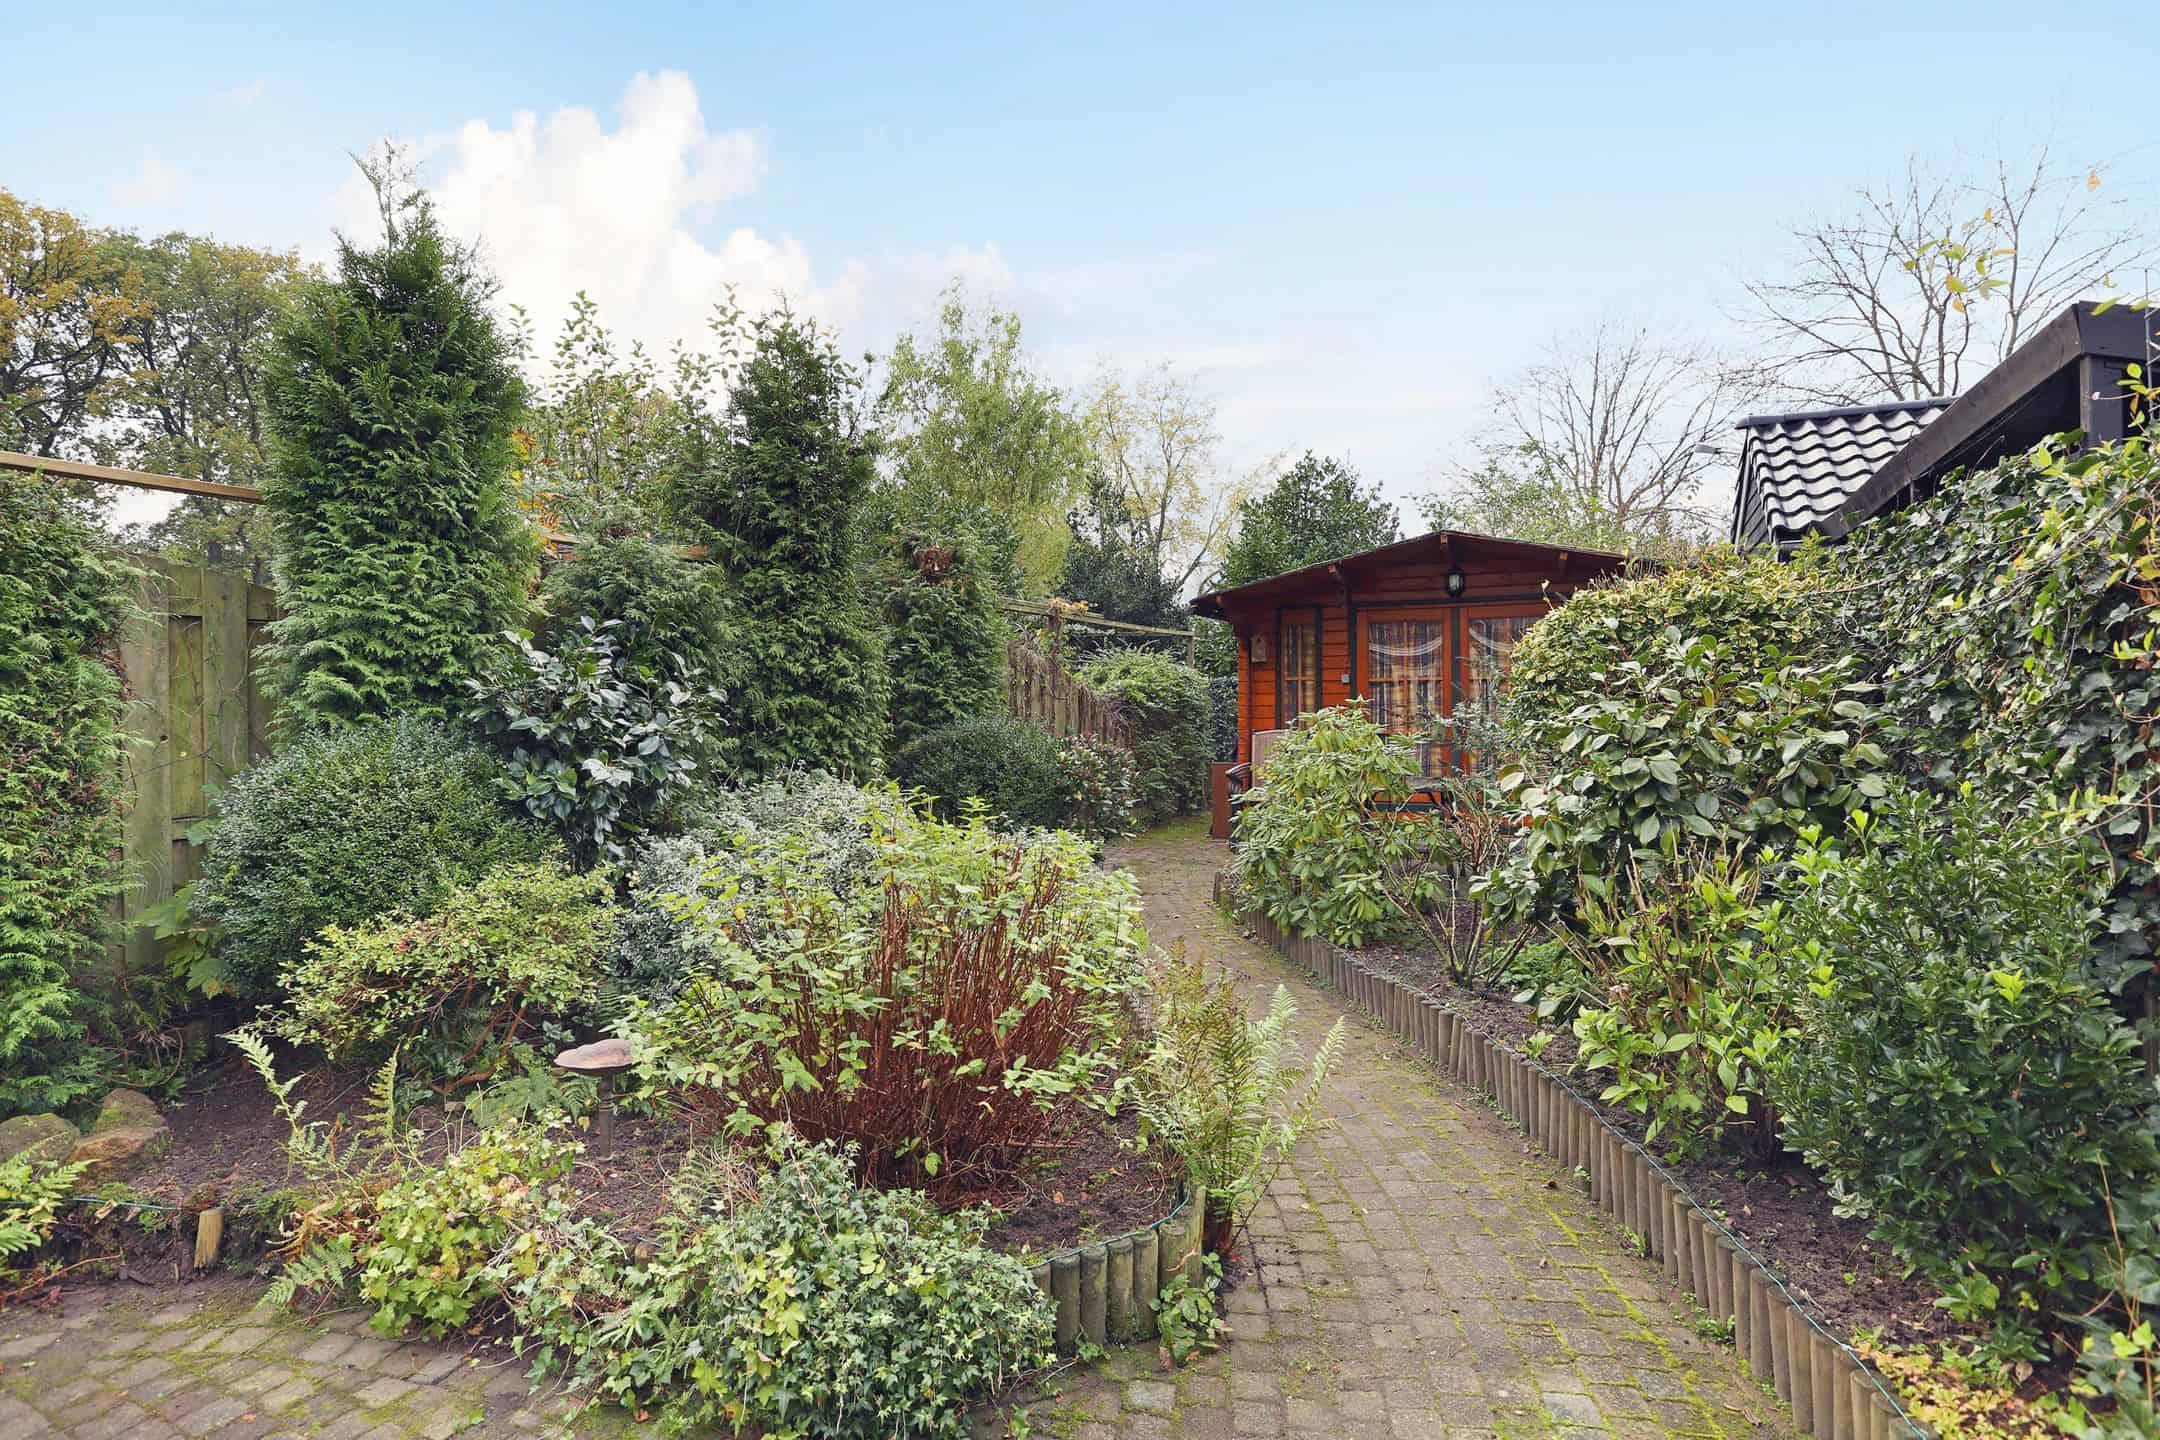 897 2160 - Verhuurde woningen in Apeldoorn (tweede fase).